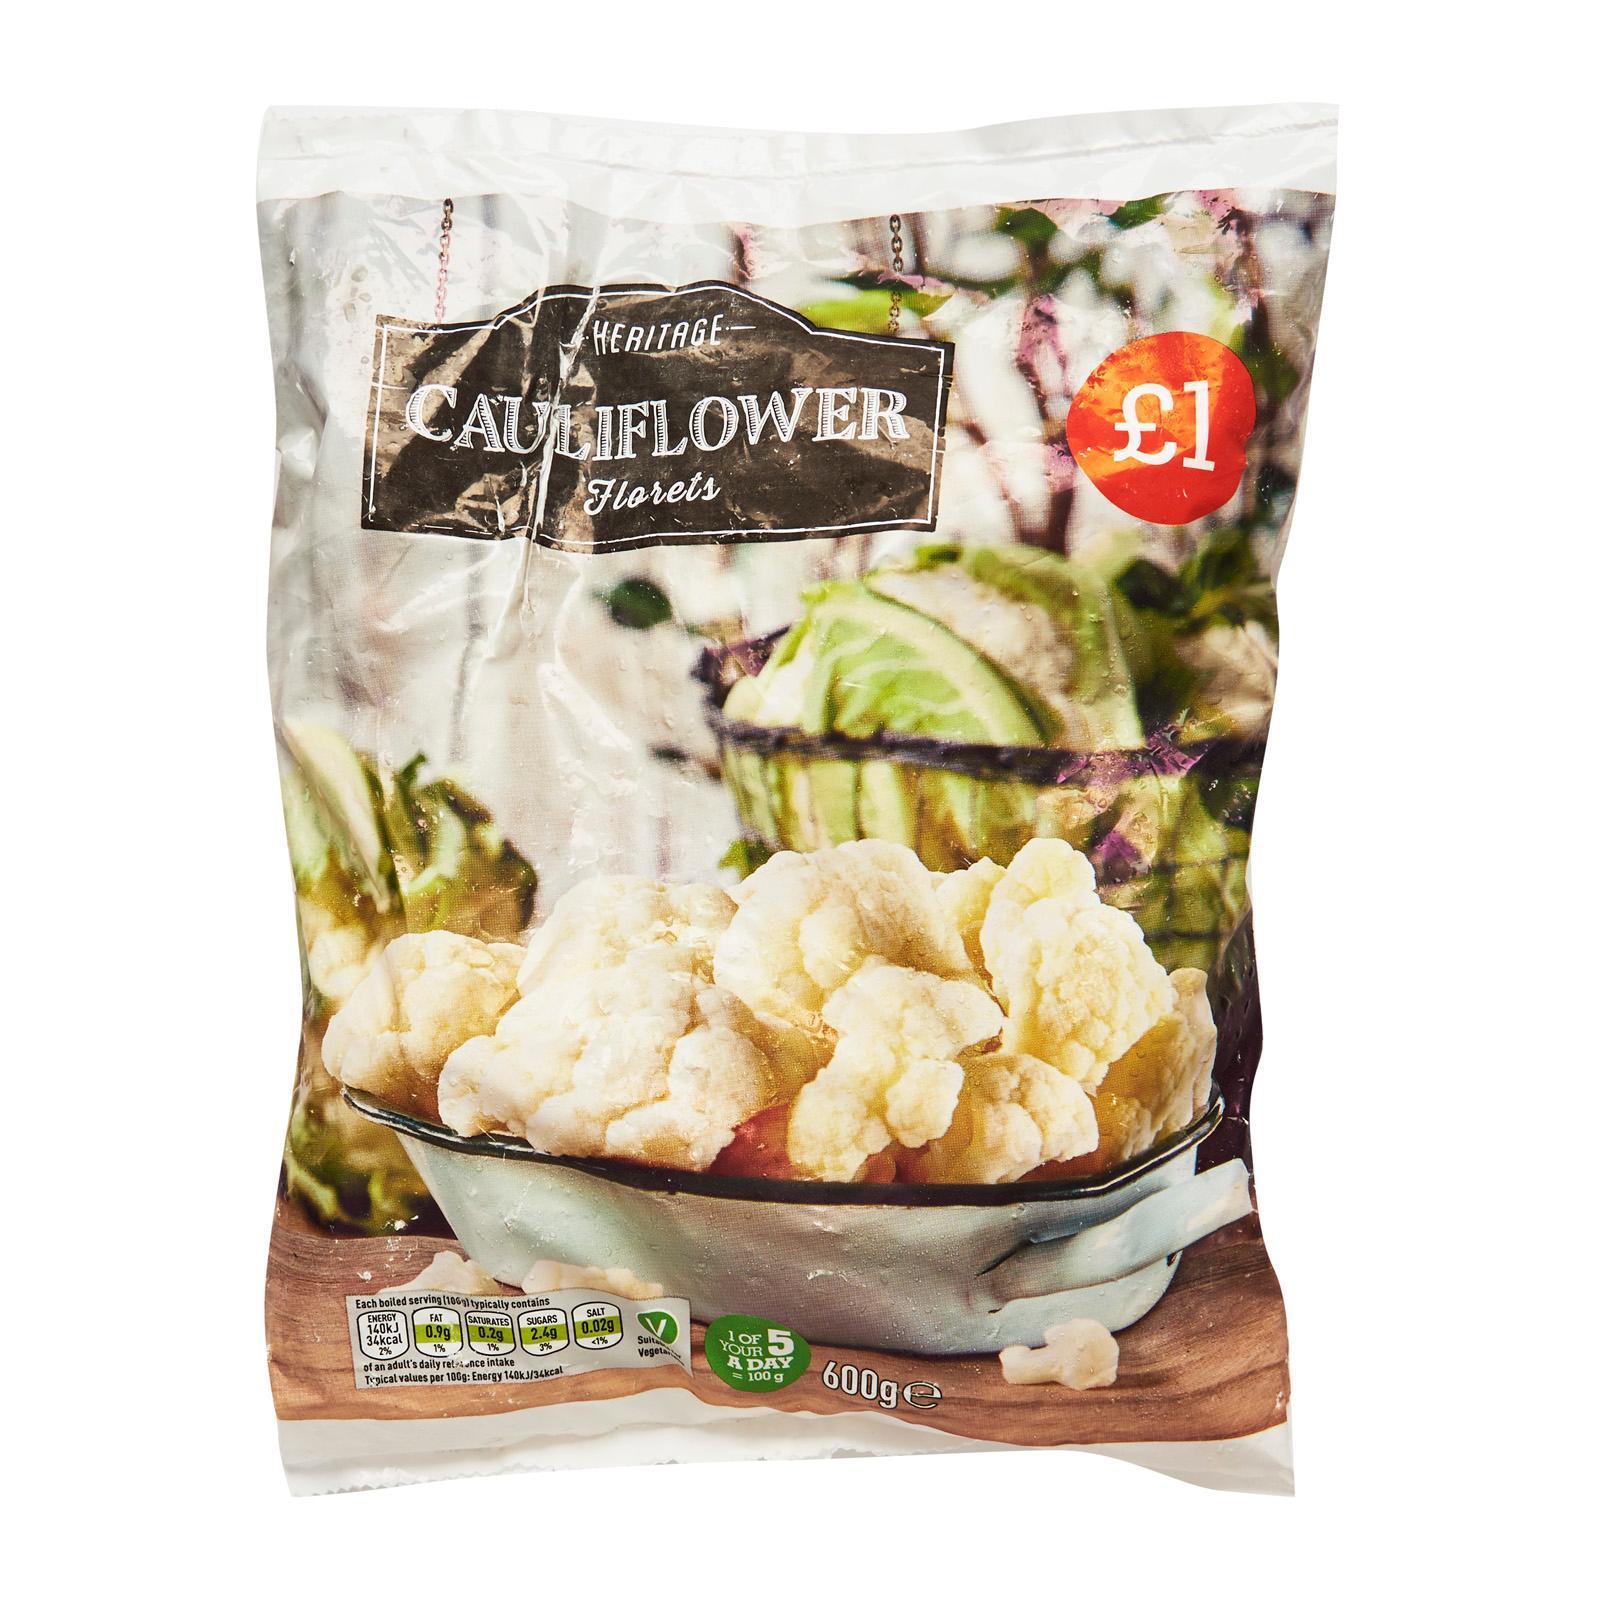 Heritage Cauliflower Florets - Frozen